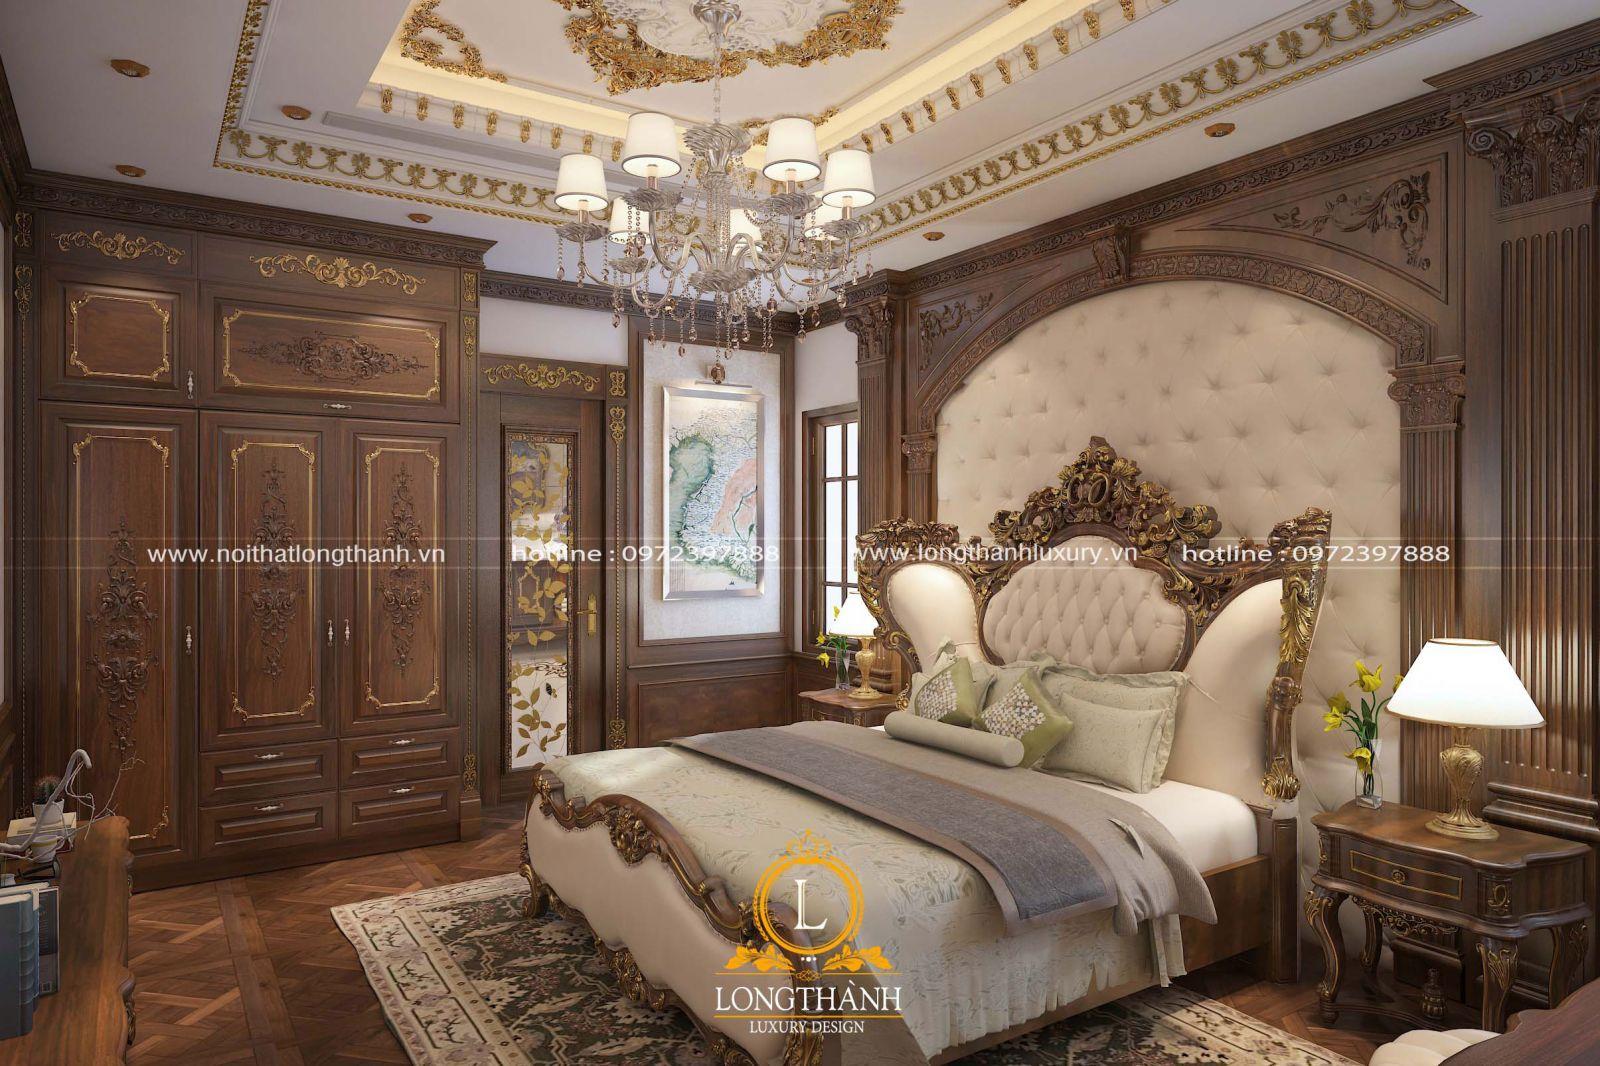 Phòng ngủ sang trọng được chạm trổ cầu kỳ